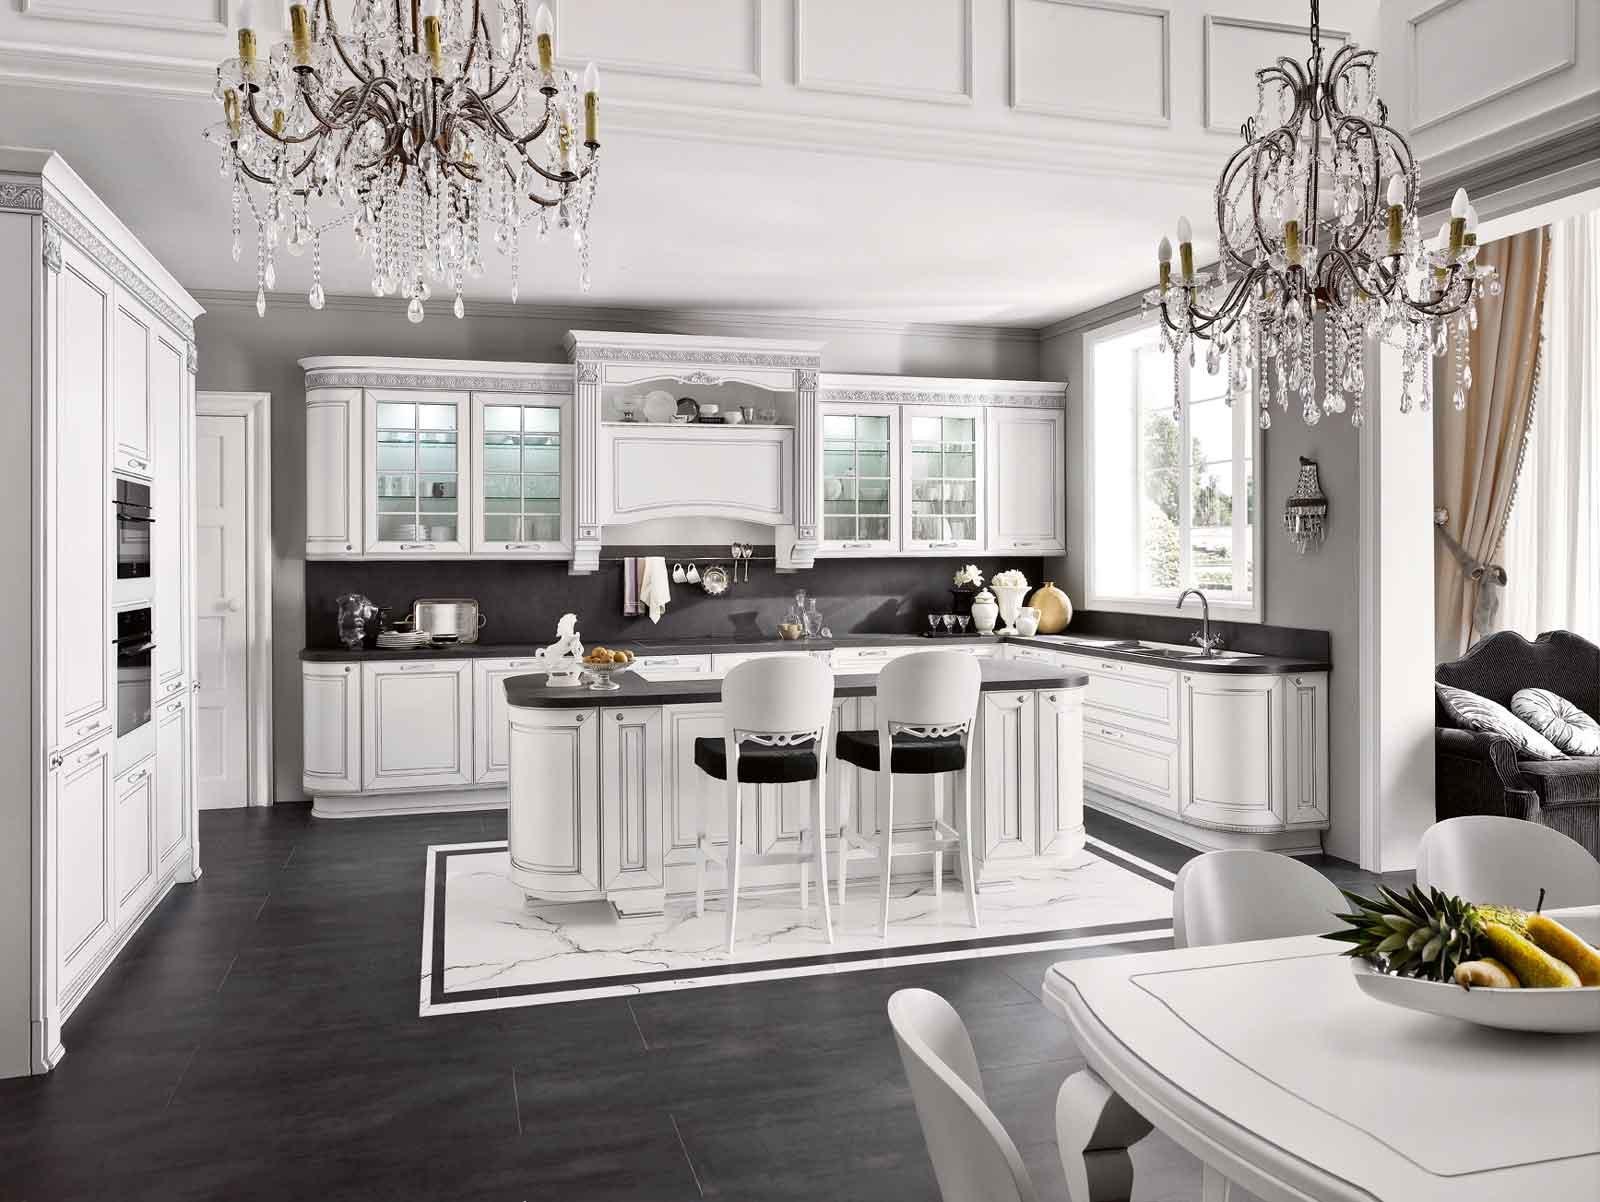 Cucina e soggiorno in un unico ambiente 3 stili cose di for Immagini per cucina